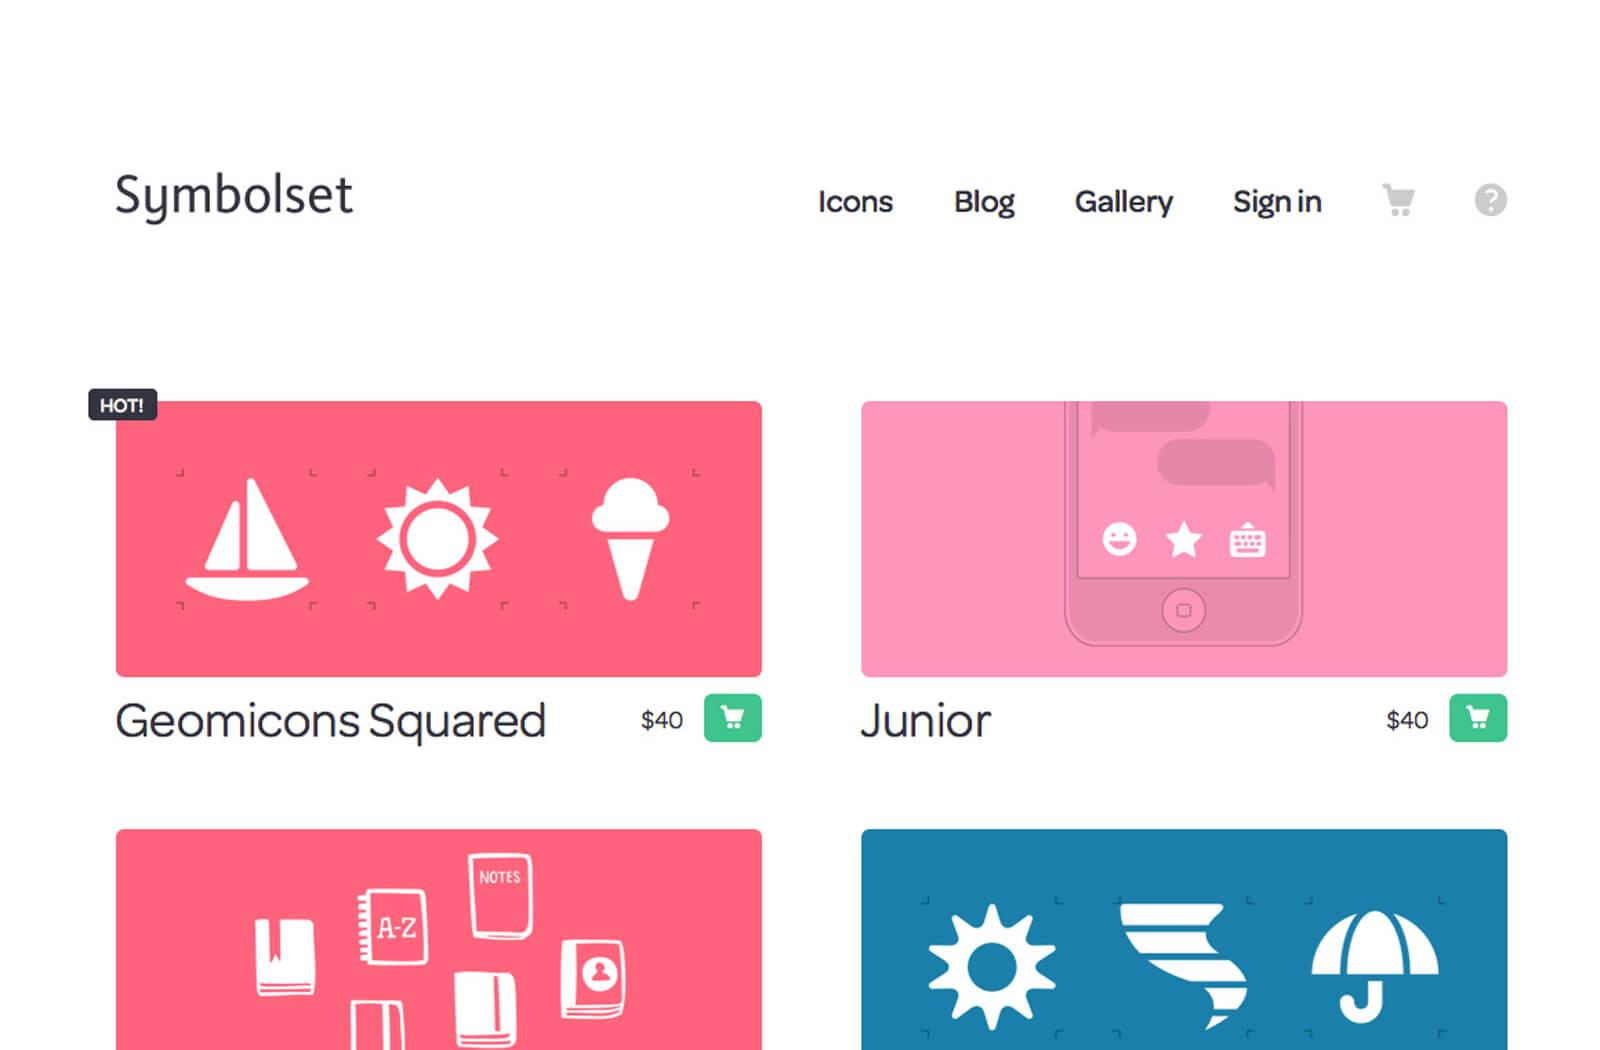 Arca Interactive Blog Web Design Symbols Social Design Fonts